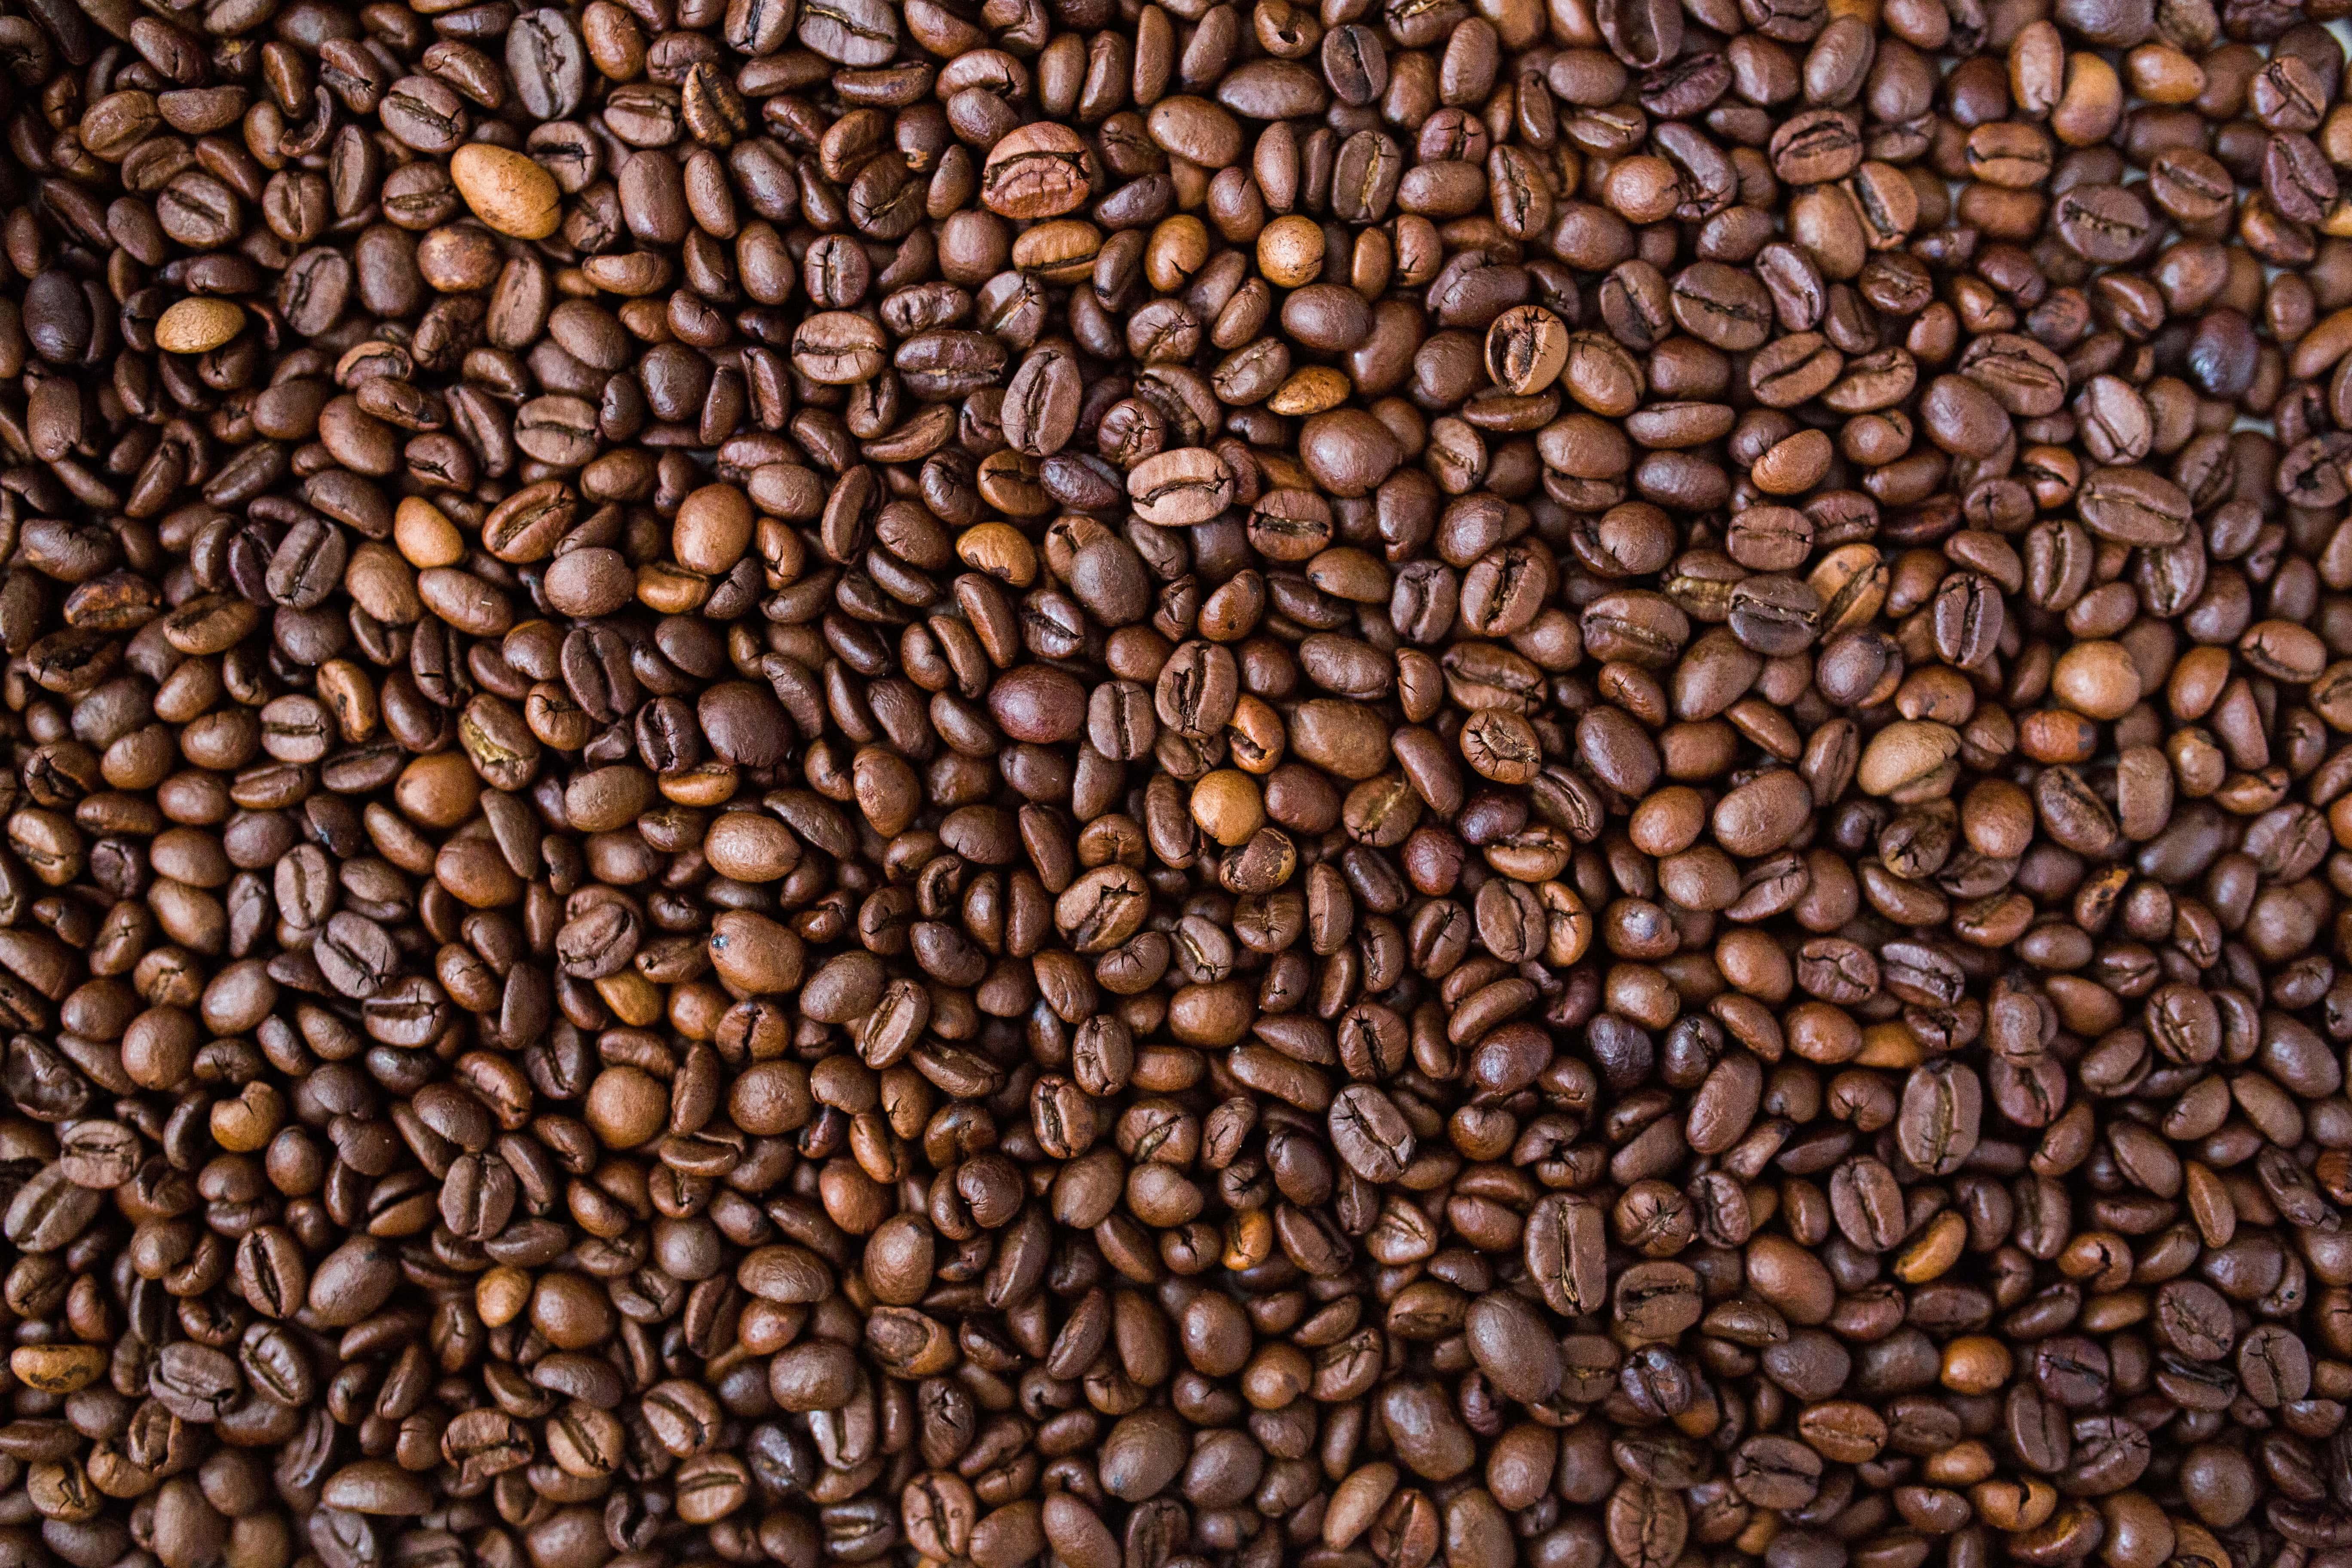 CAFFEINA METABOLISMO E SPORT: CHE EFFETTO HA SUL TUO CORPO?